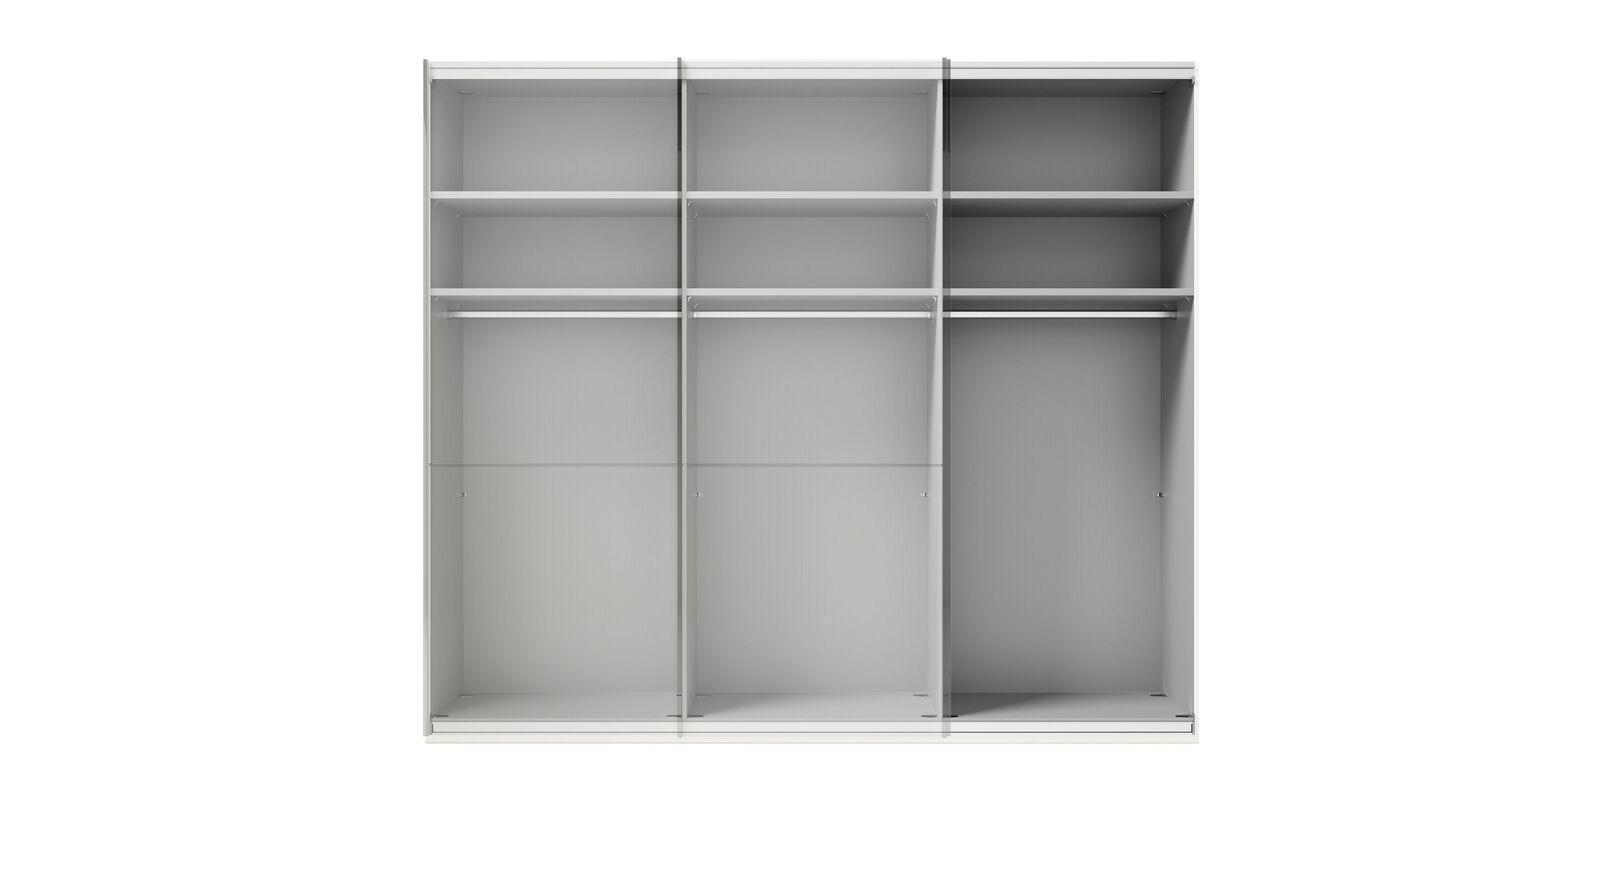 GALLERY M Schwebetüren-Kleiderschrank IMOLA W in Weiß mit Basic-Ausstattung